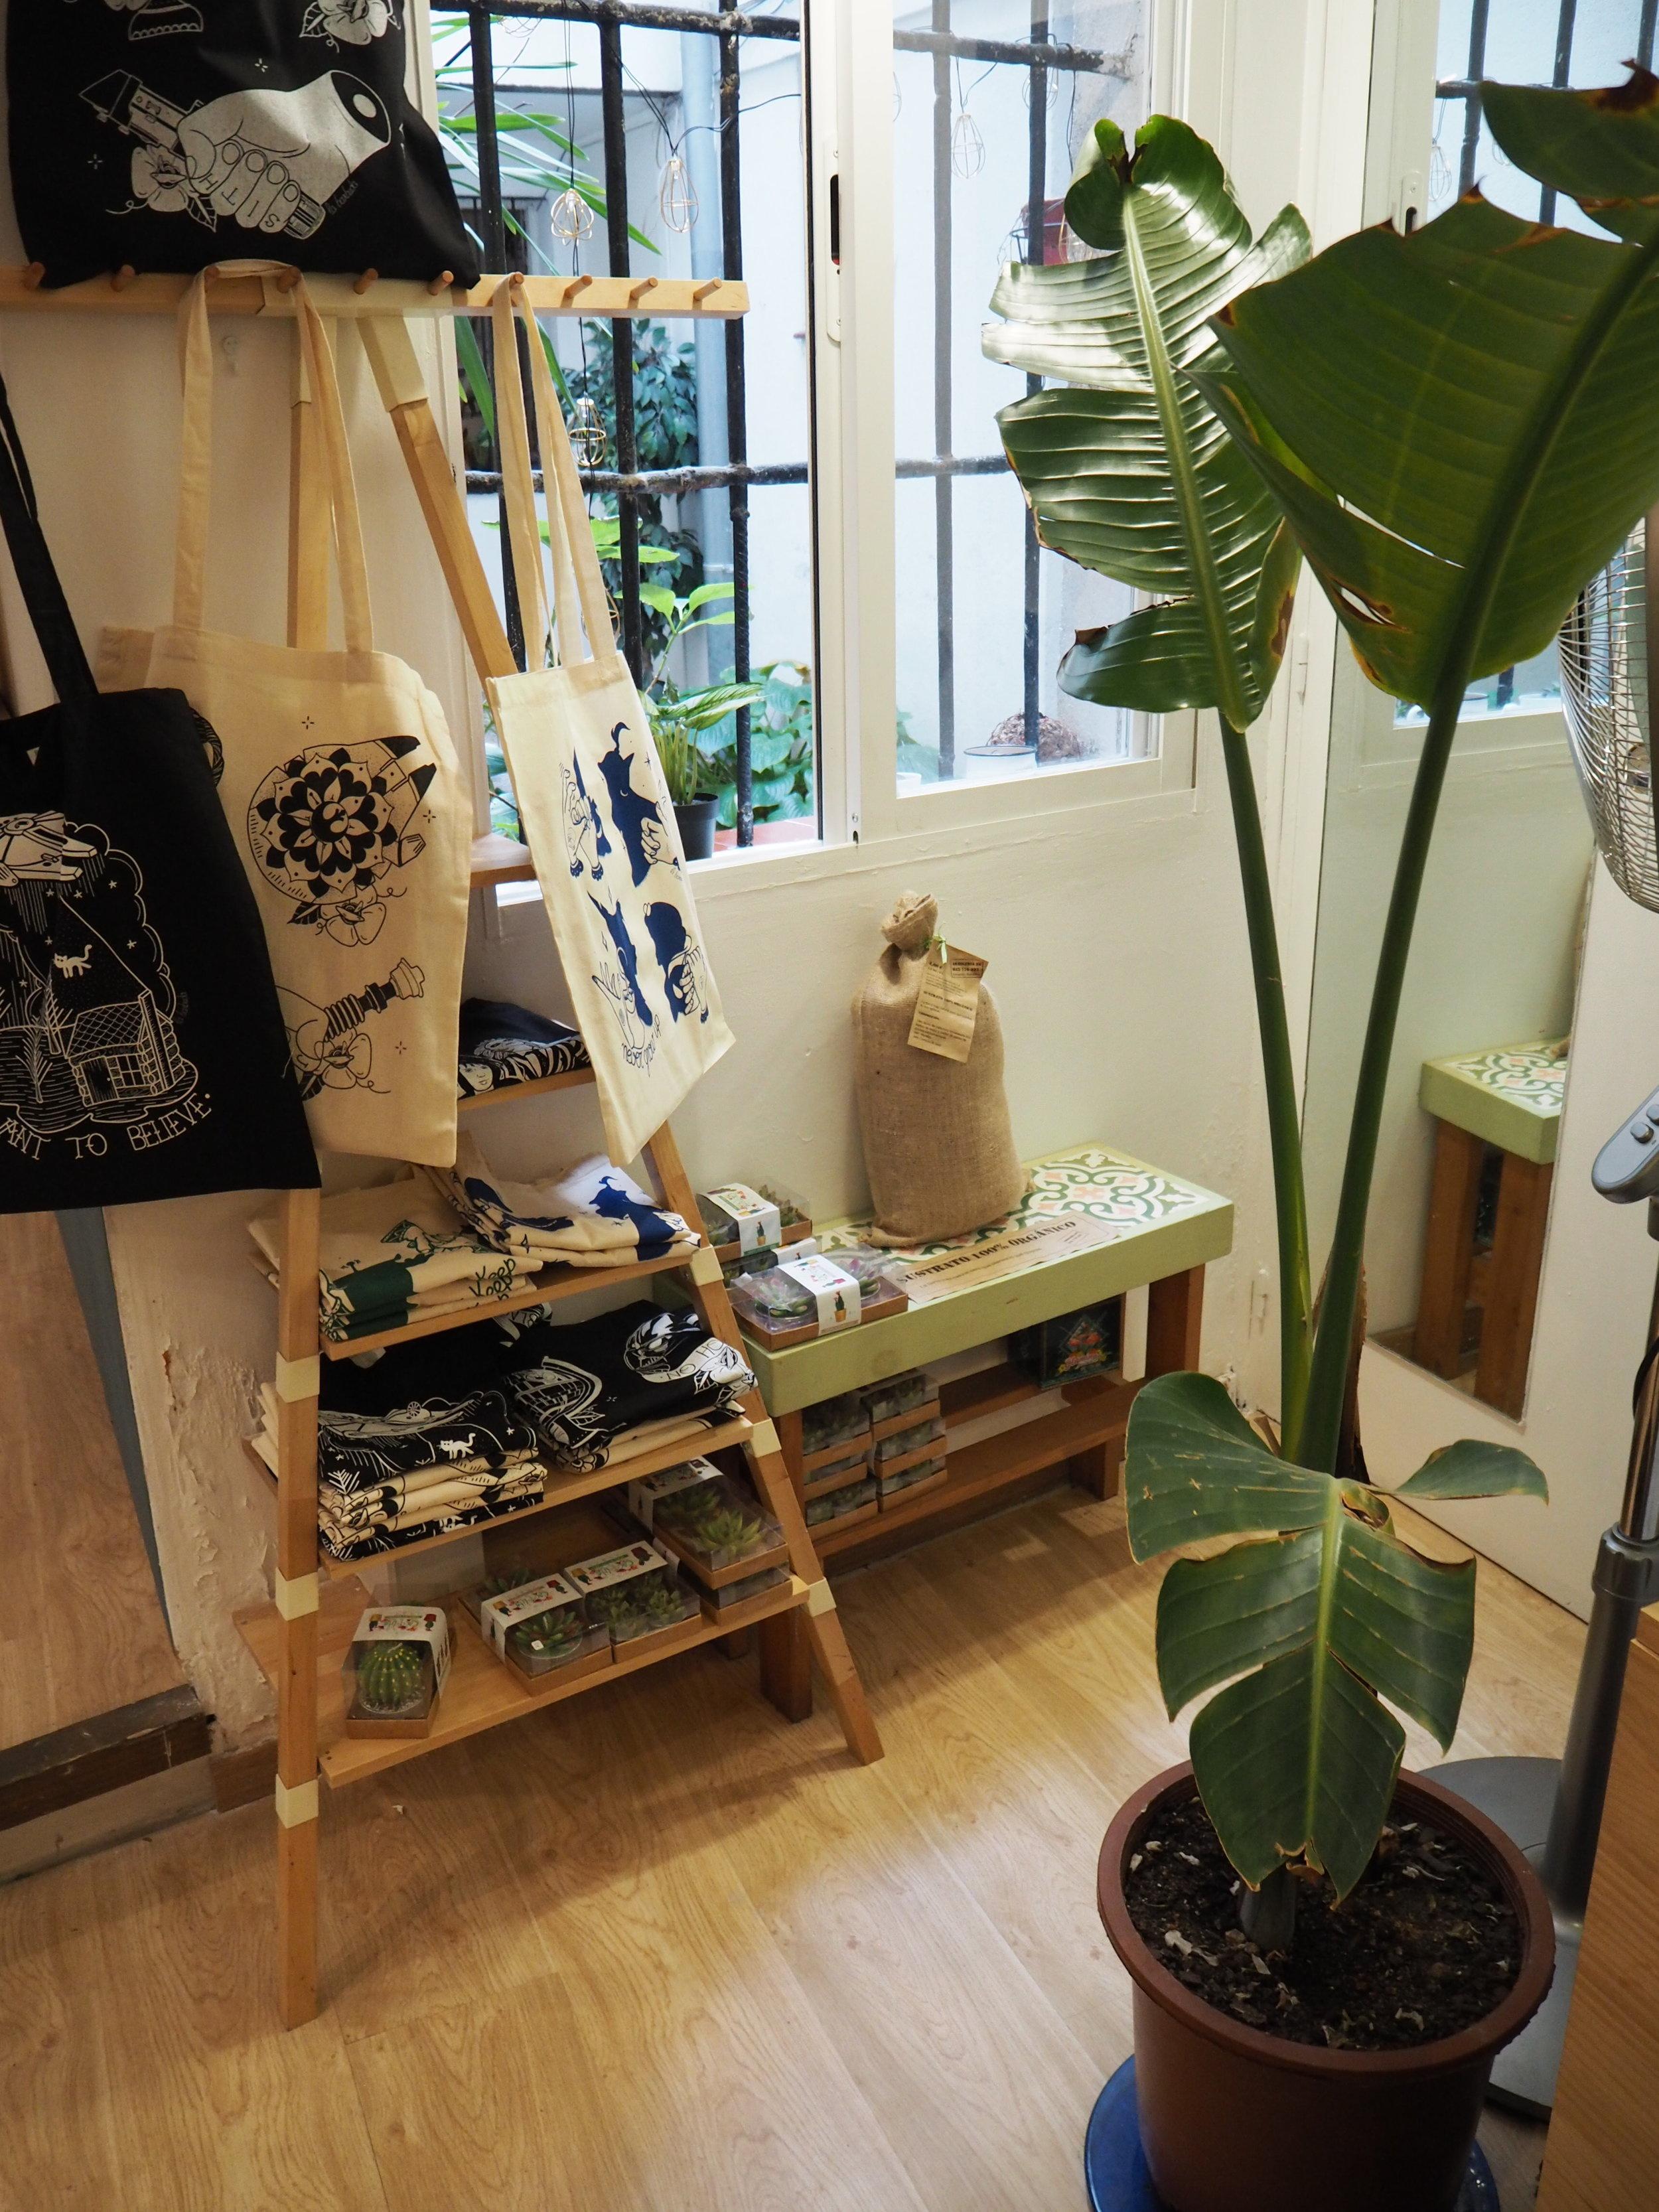 tiendas-ropa-madrid-originales-laantigua-ropa.JPG